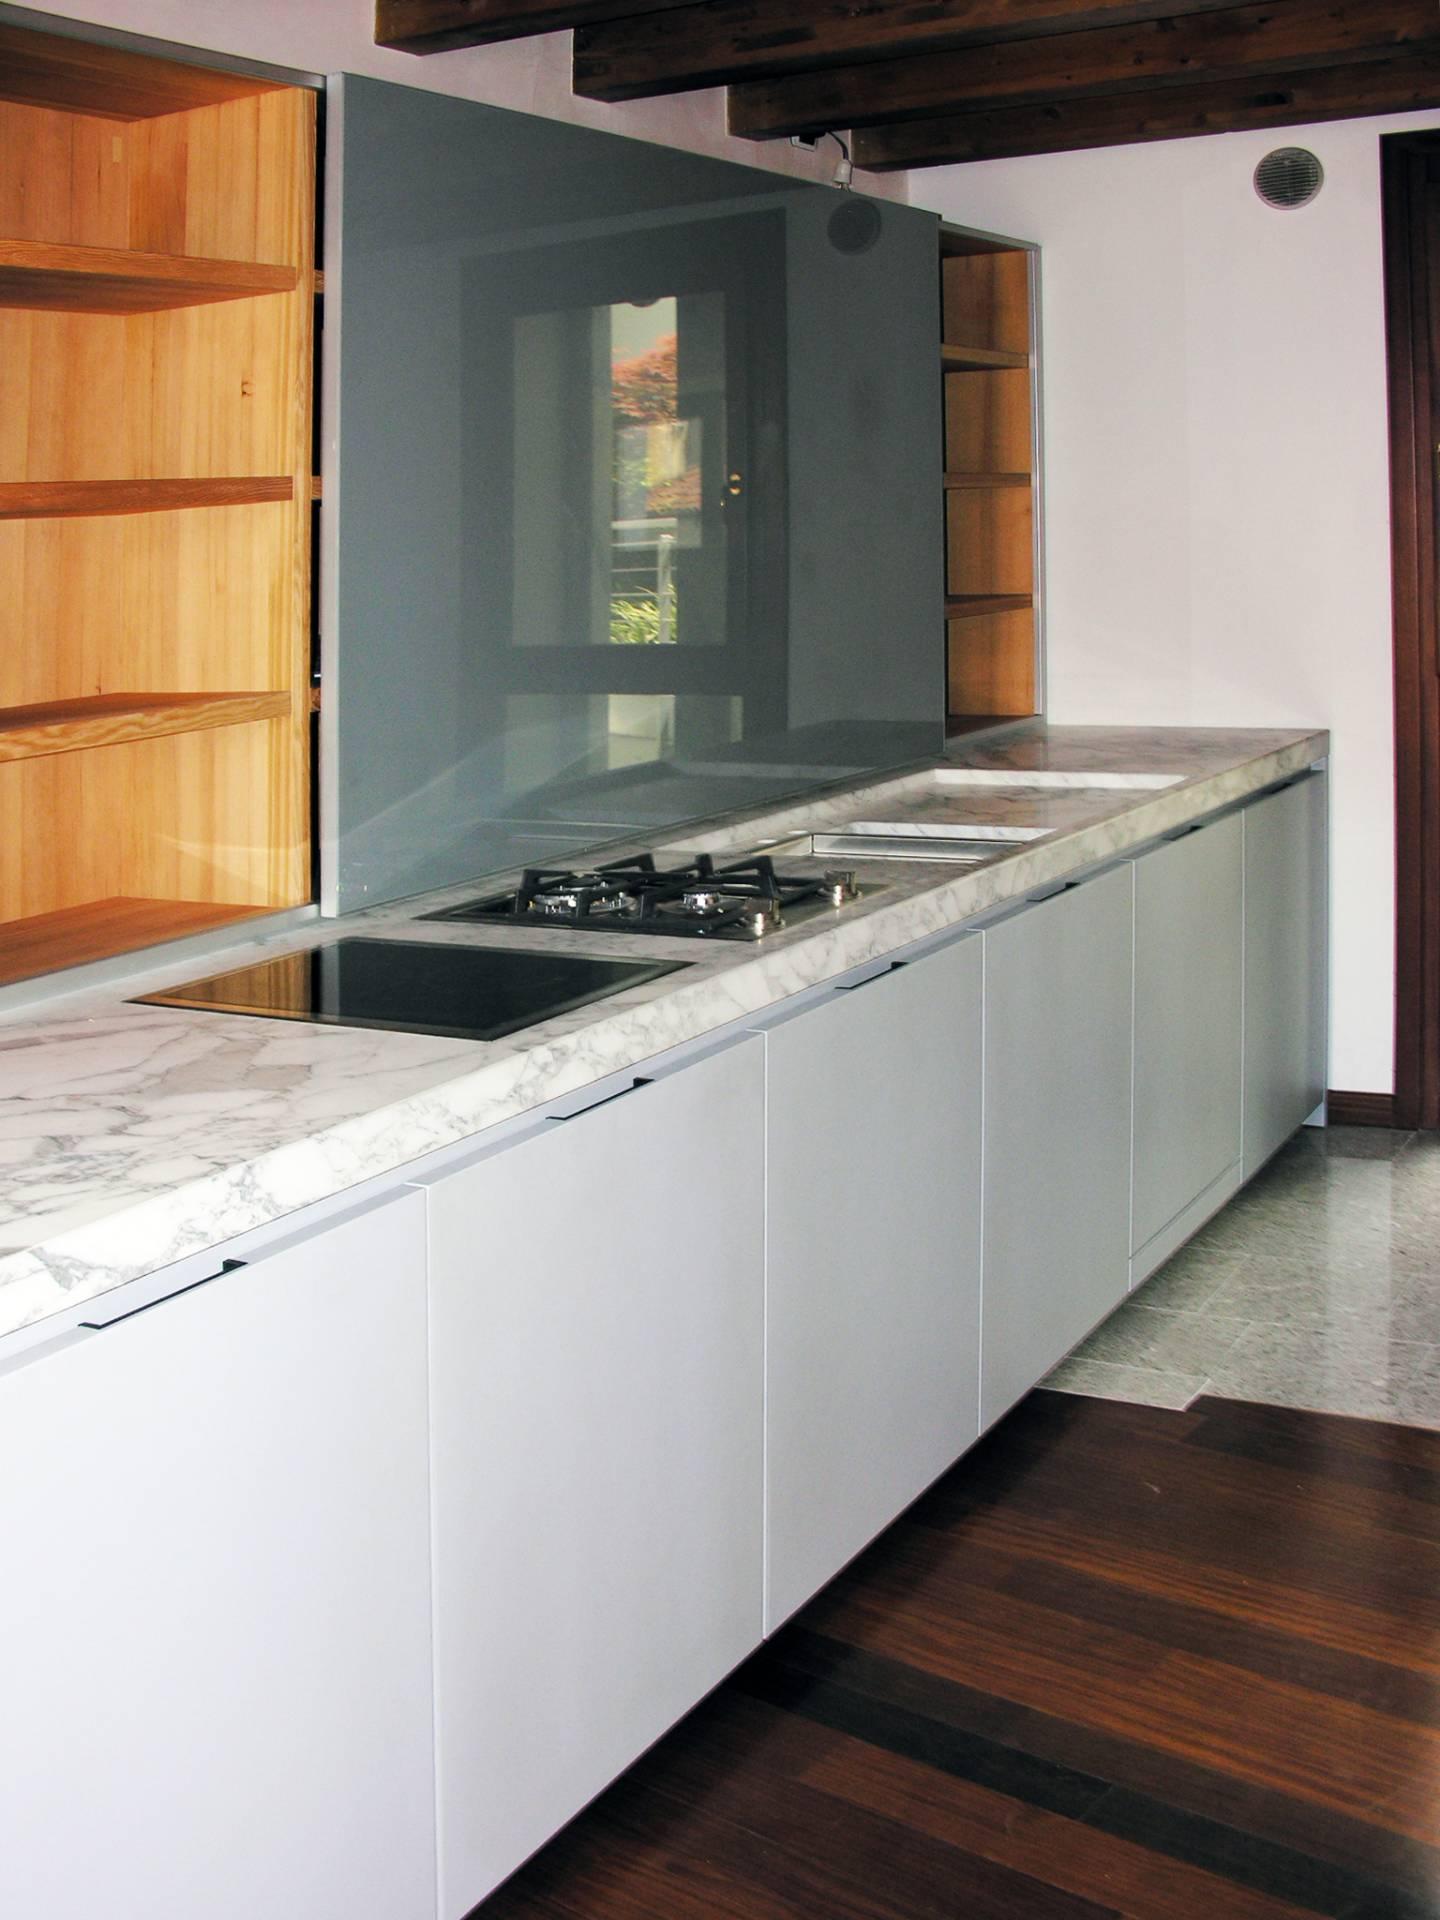 Appartamento in affitto a Treviso, 6 locali, zona Località: Centrostorico, prezzo € 2.000 | Cambio Casa.it